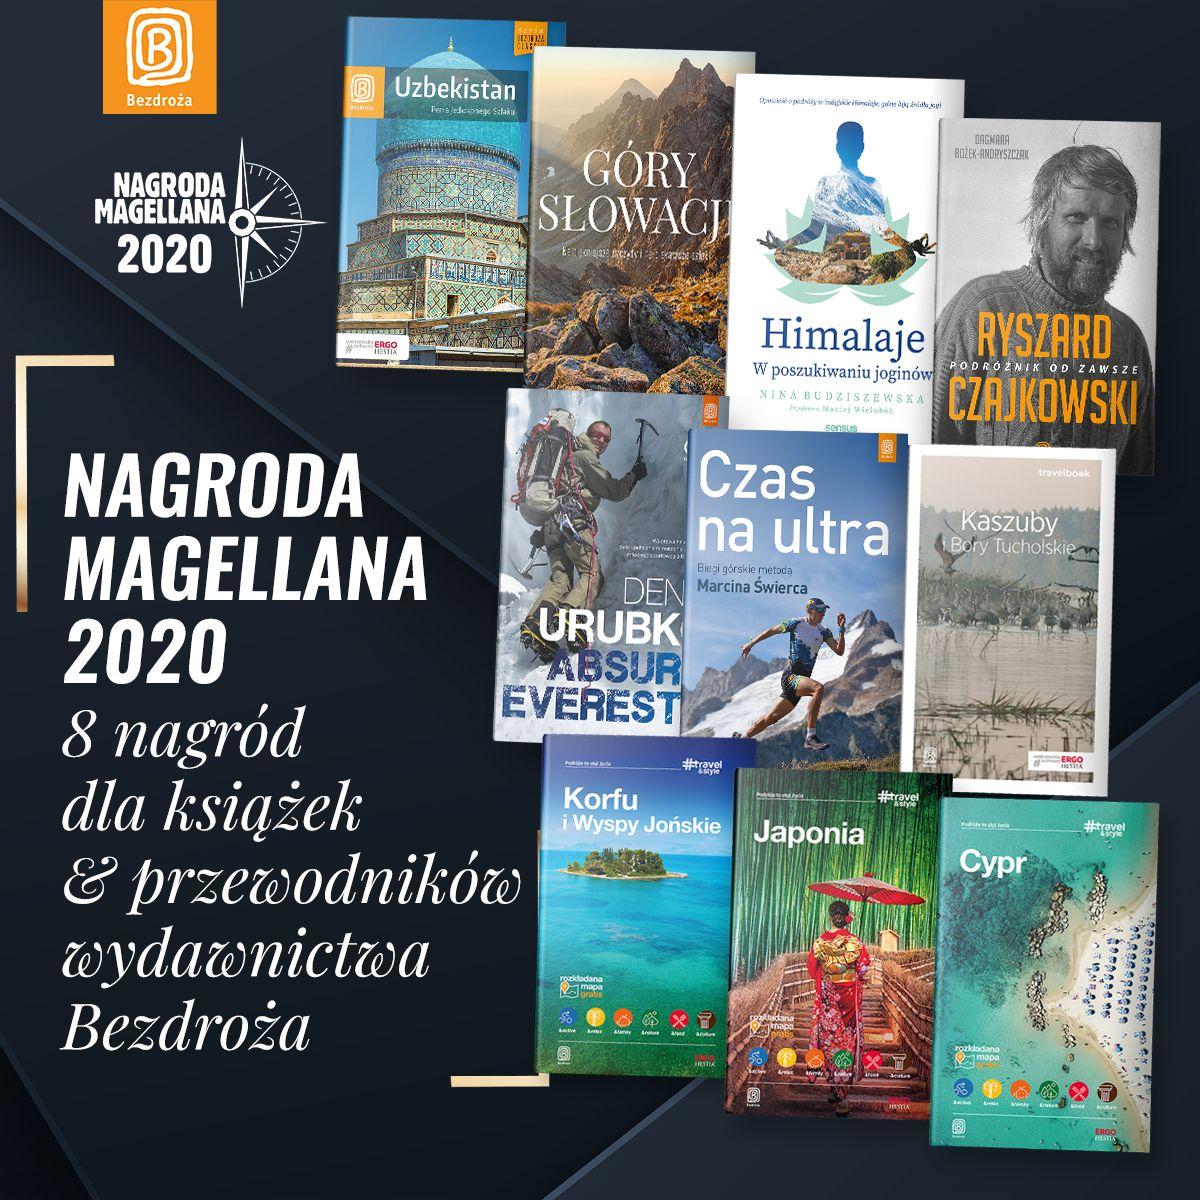 Galeria Nagrody Magellana 2020 Bezdroża zdobywają aż 8 nagród